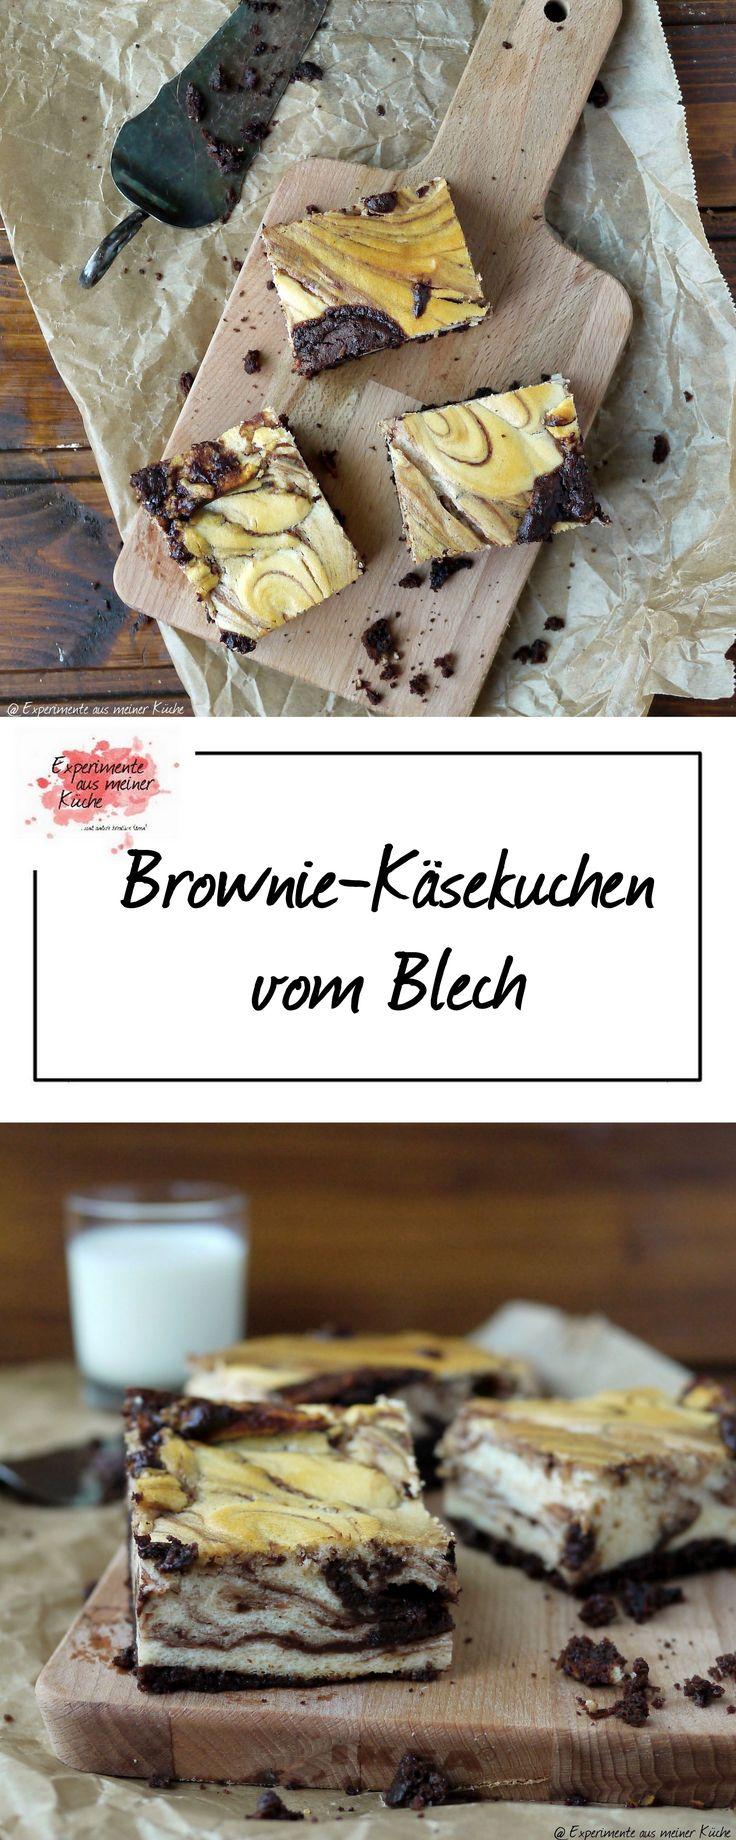 die besten 25 schokoladen blechkuchen ideen auf pinterest schokoladenblechkuchen blechkuchen. Black Bedroom Furniture Sets. Home Design Ideas